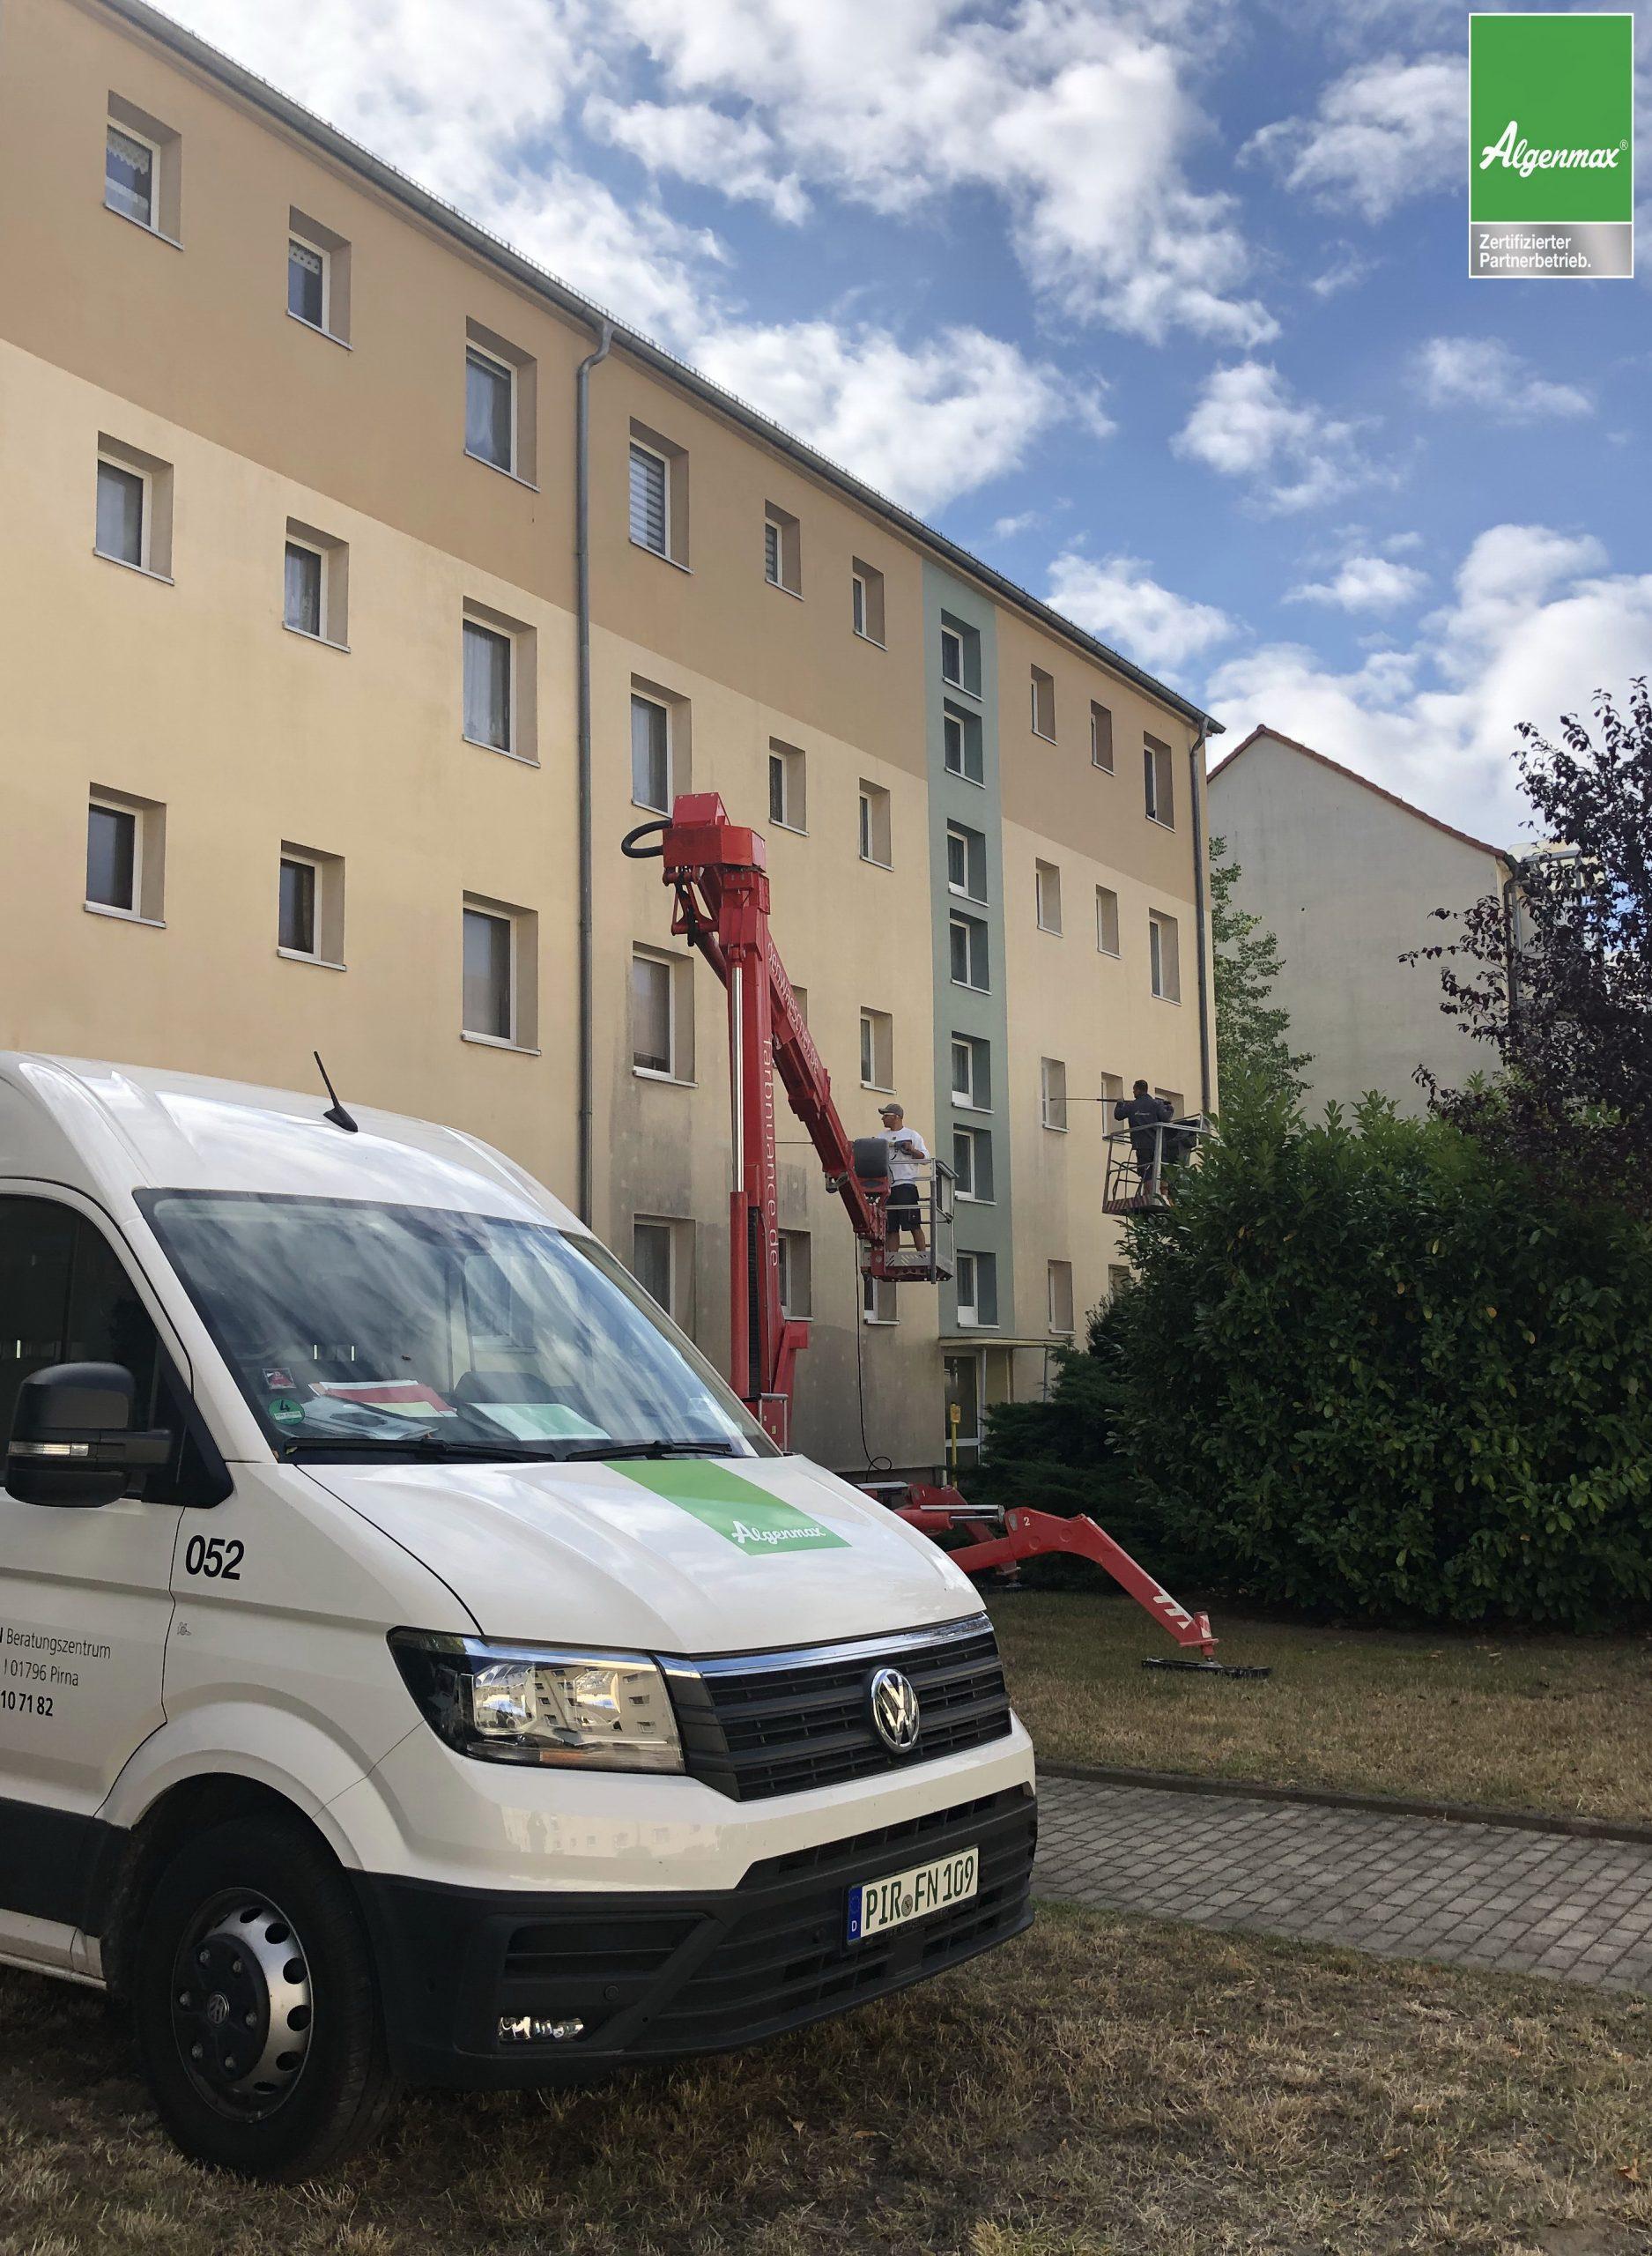 Leipzig, Fassadenwäsche, Fassadenwäscher, Mehrfamilienhaus, Algenmax, Algenfrei, Fassadenreinigung, Farbnuance, Malerfirma, Maler (2)